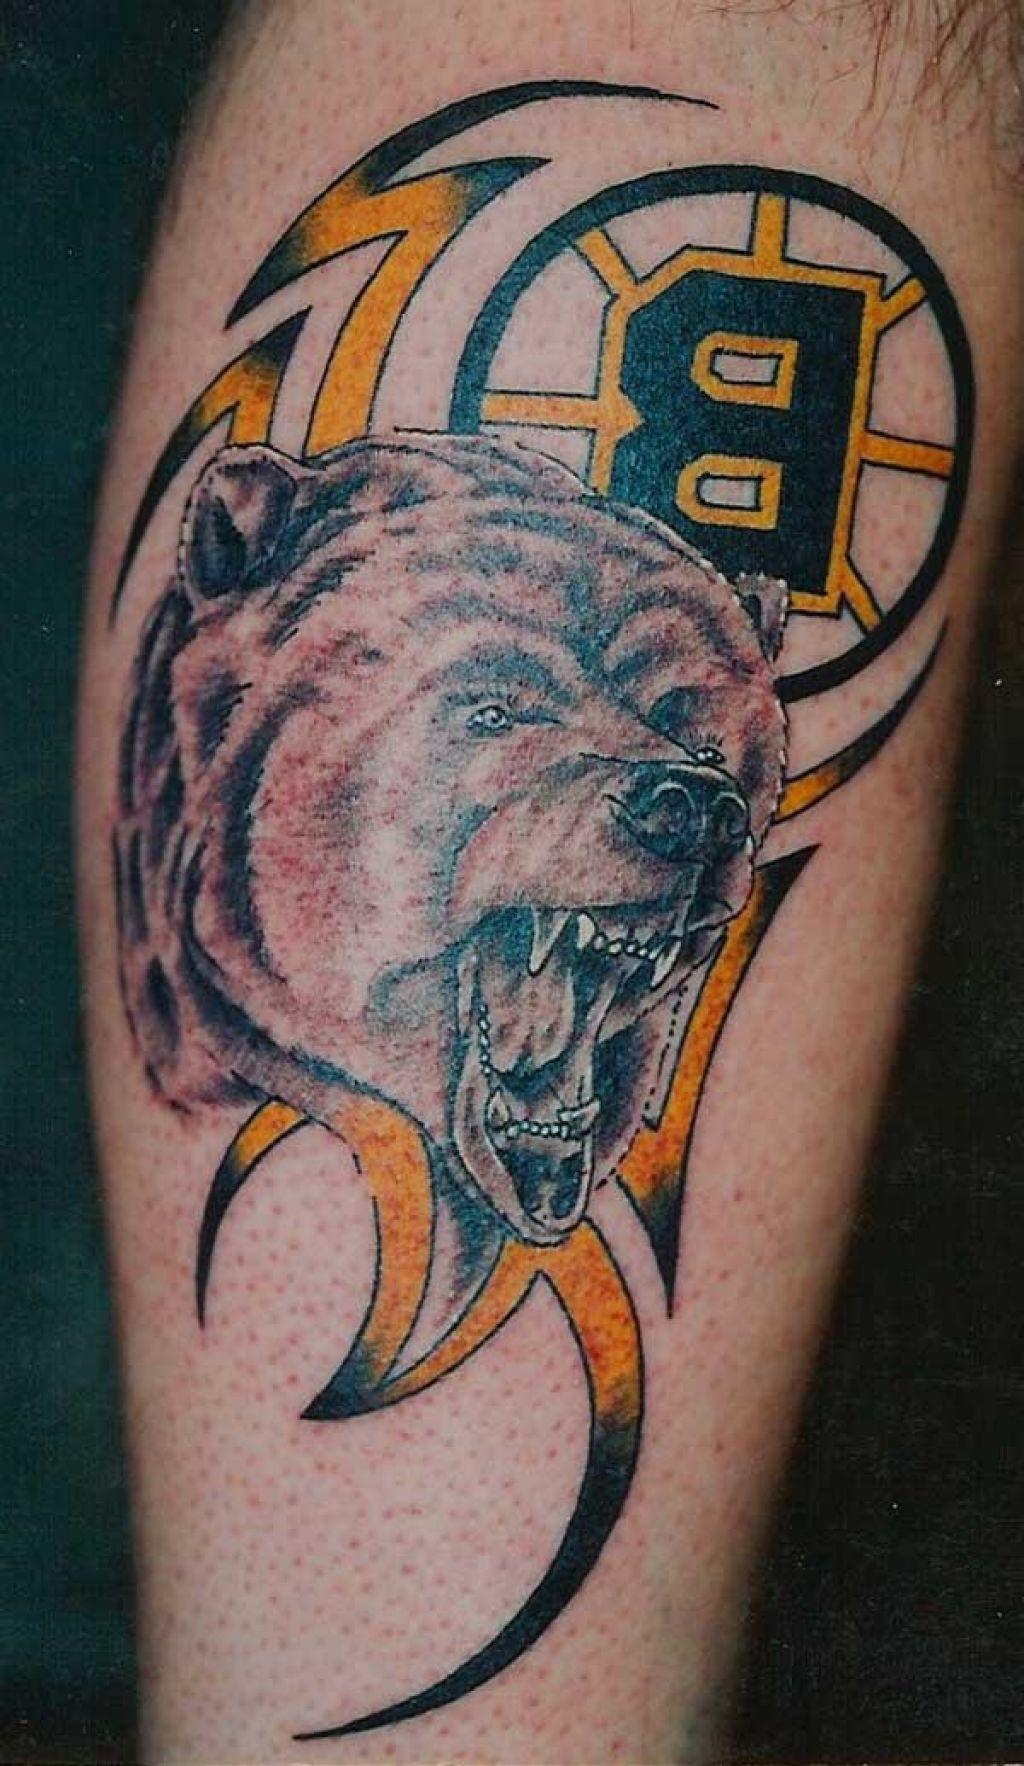 Boston Bruins Tattoos Boston bruins logo, Sport tattoos